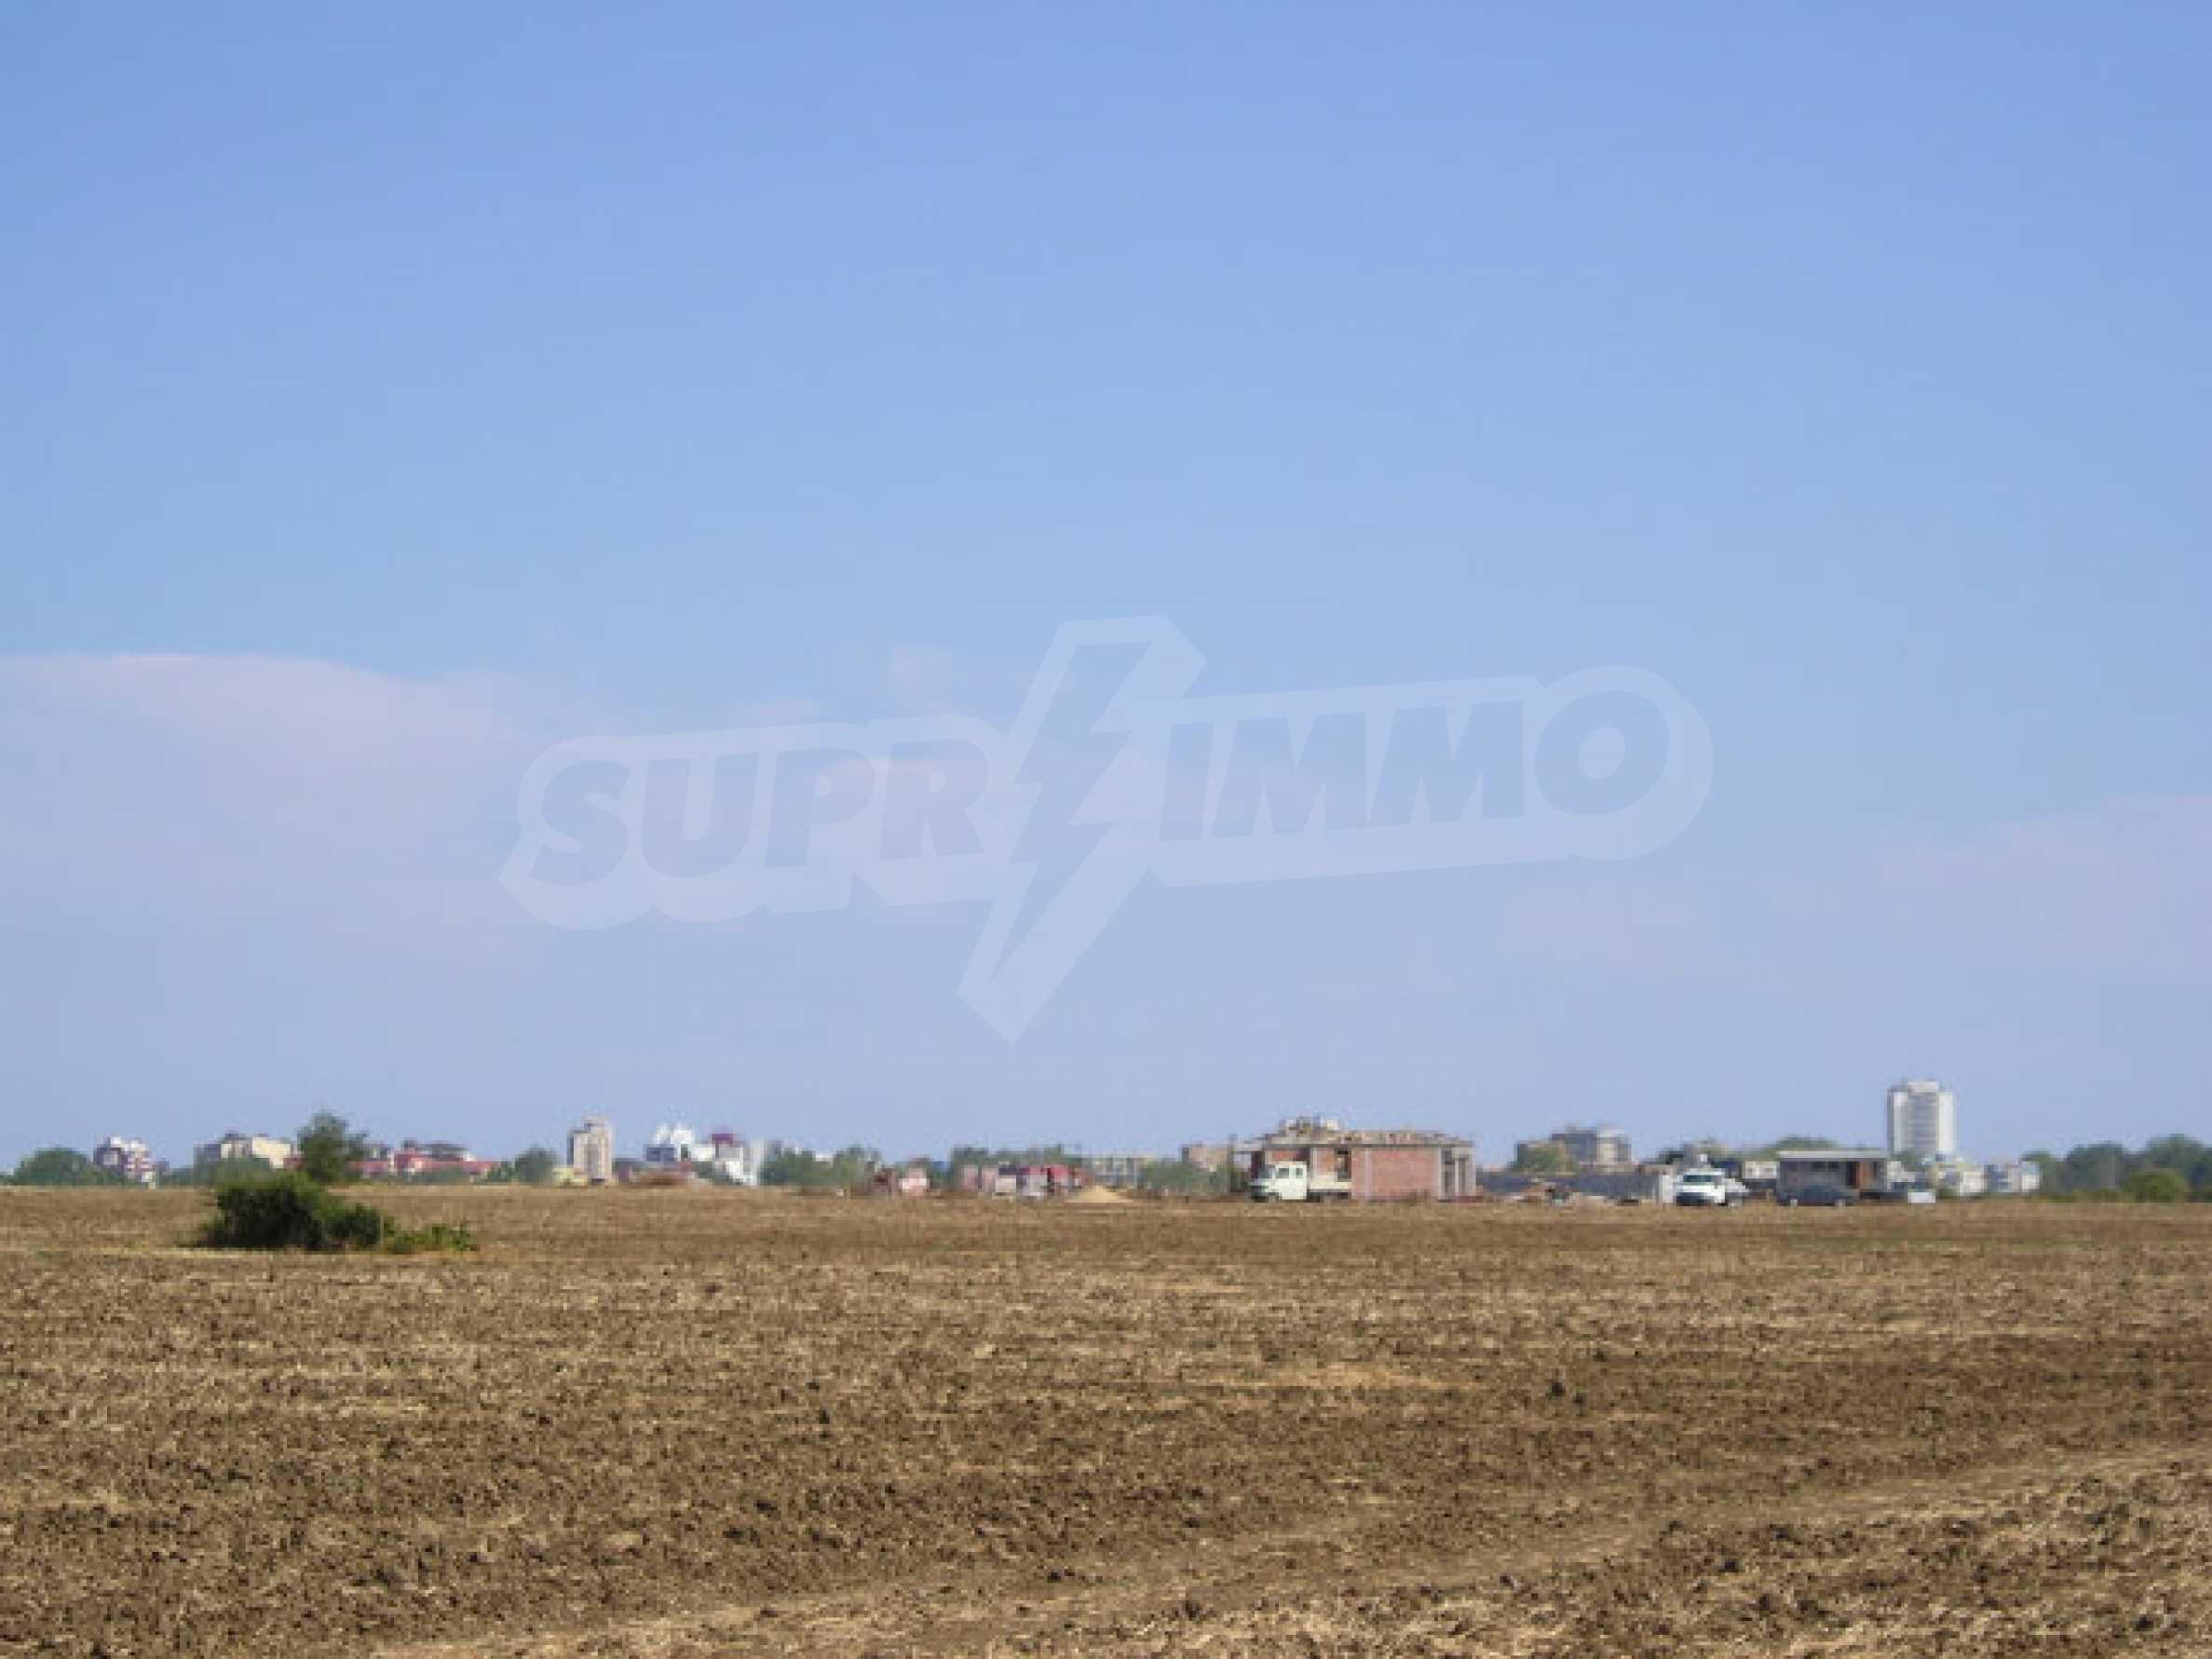 Bauland zum Verkauf in der Nähe von Sonnenstrand 7